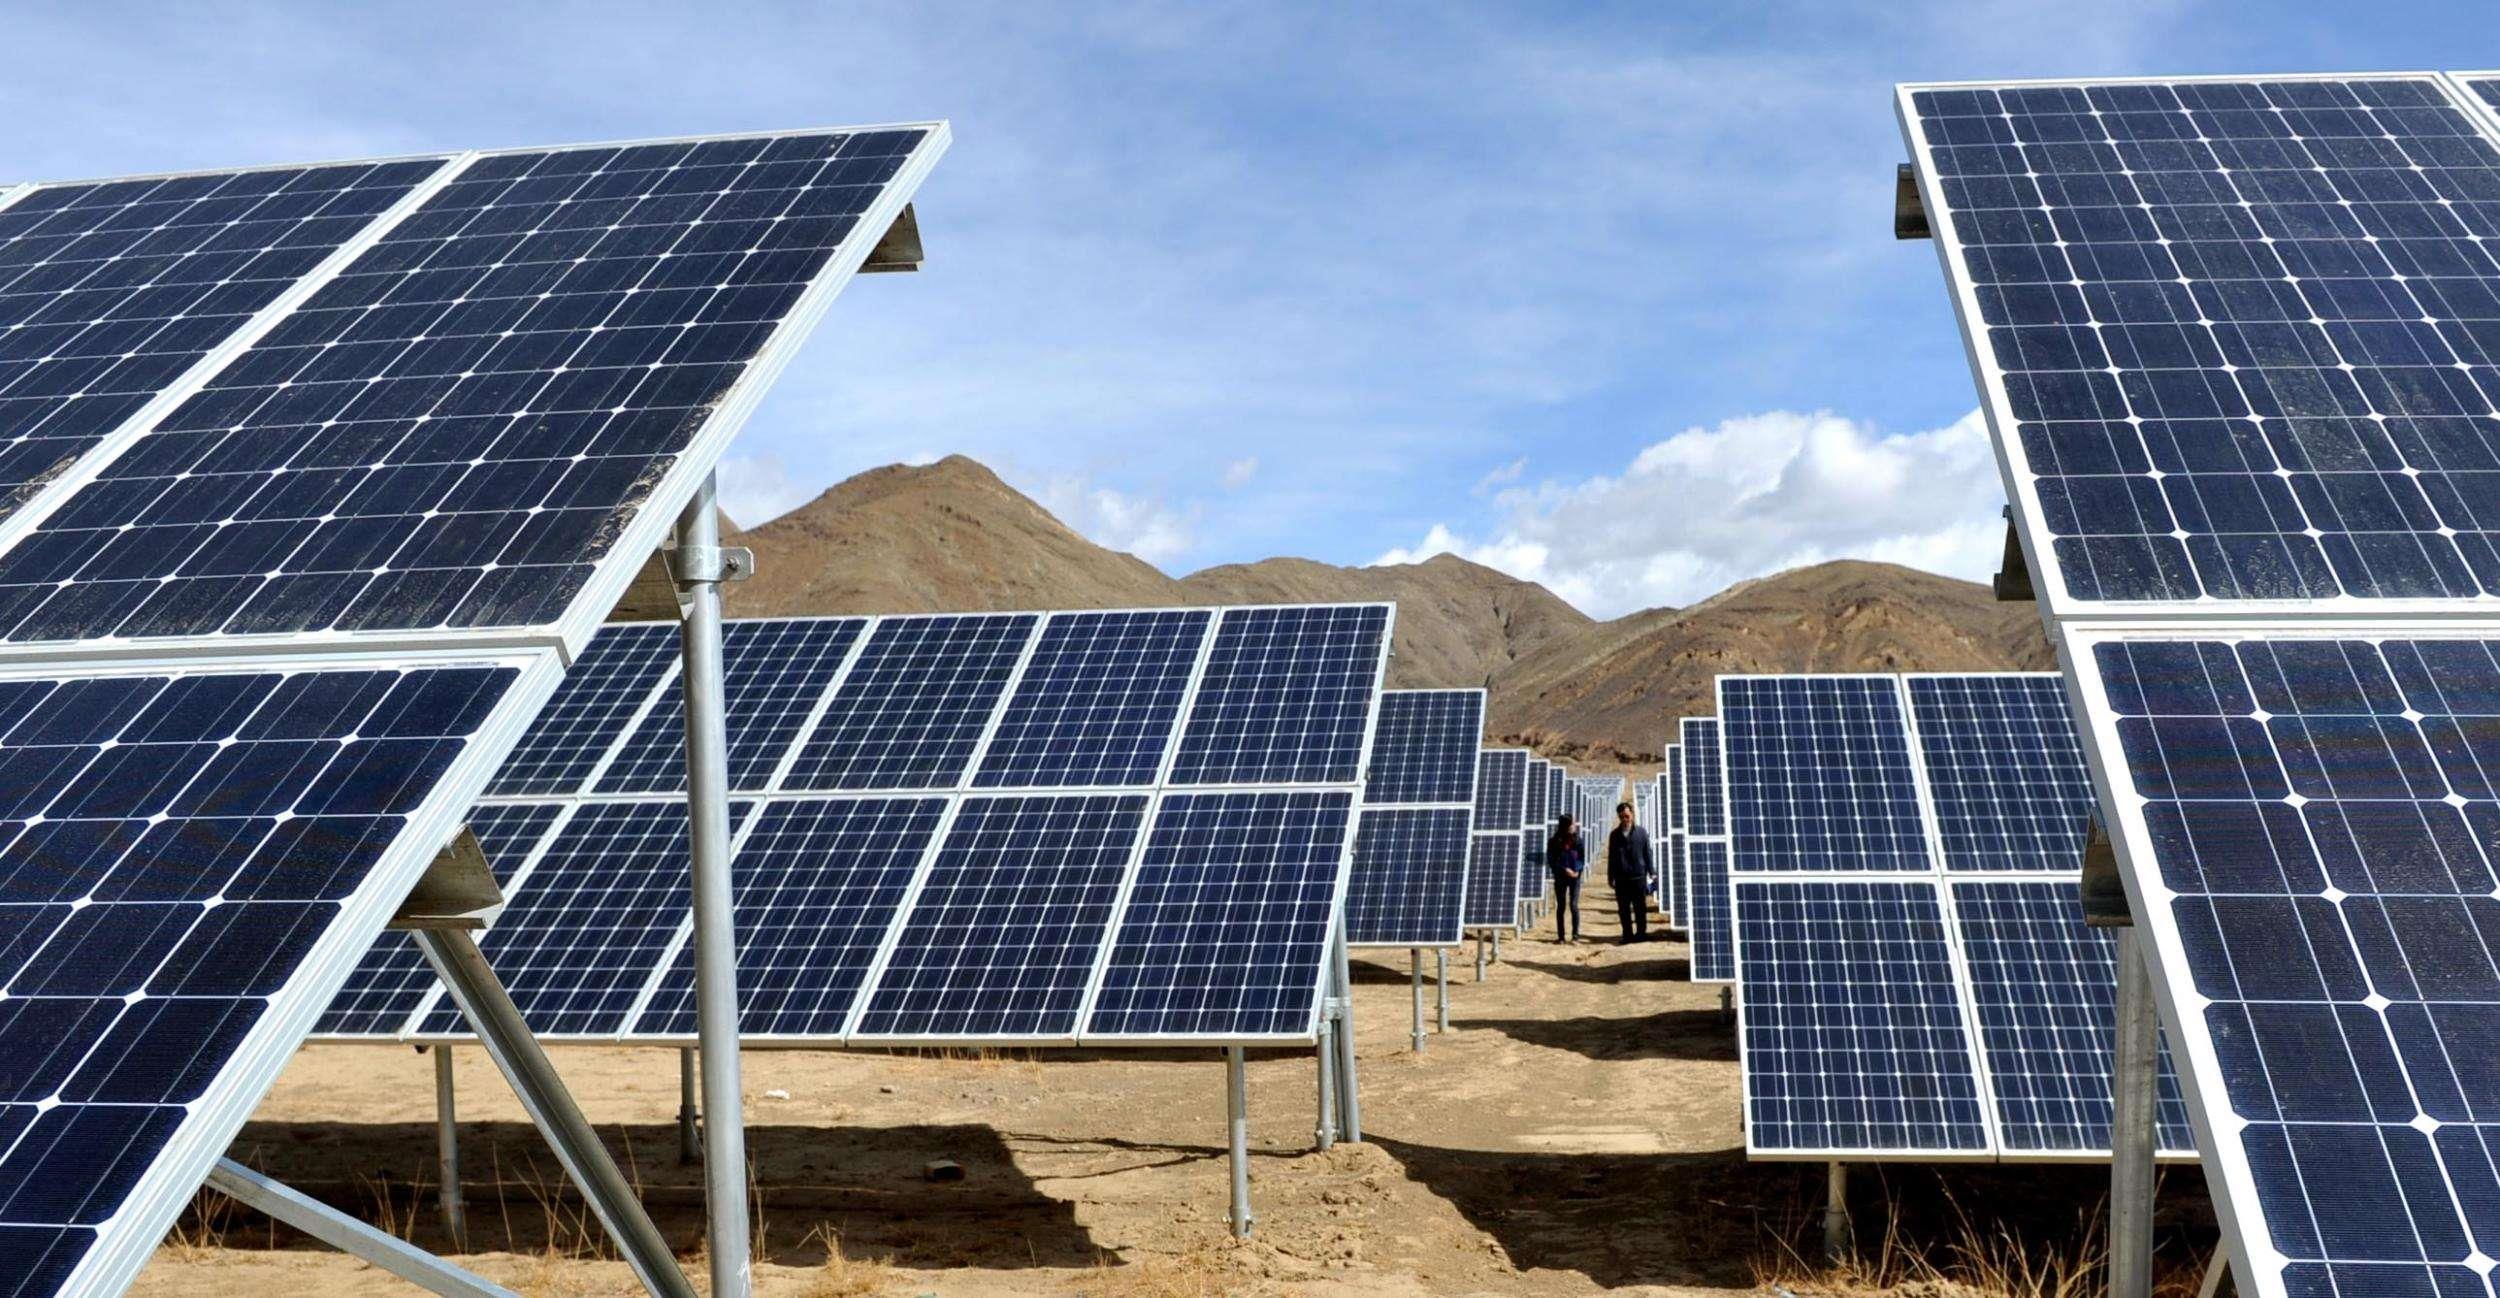 吉电股份拟成立湖南全资子企业 推进全国新能源产业布局